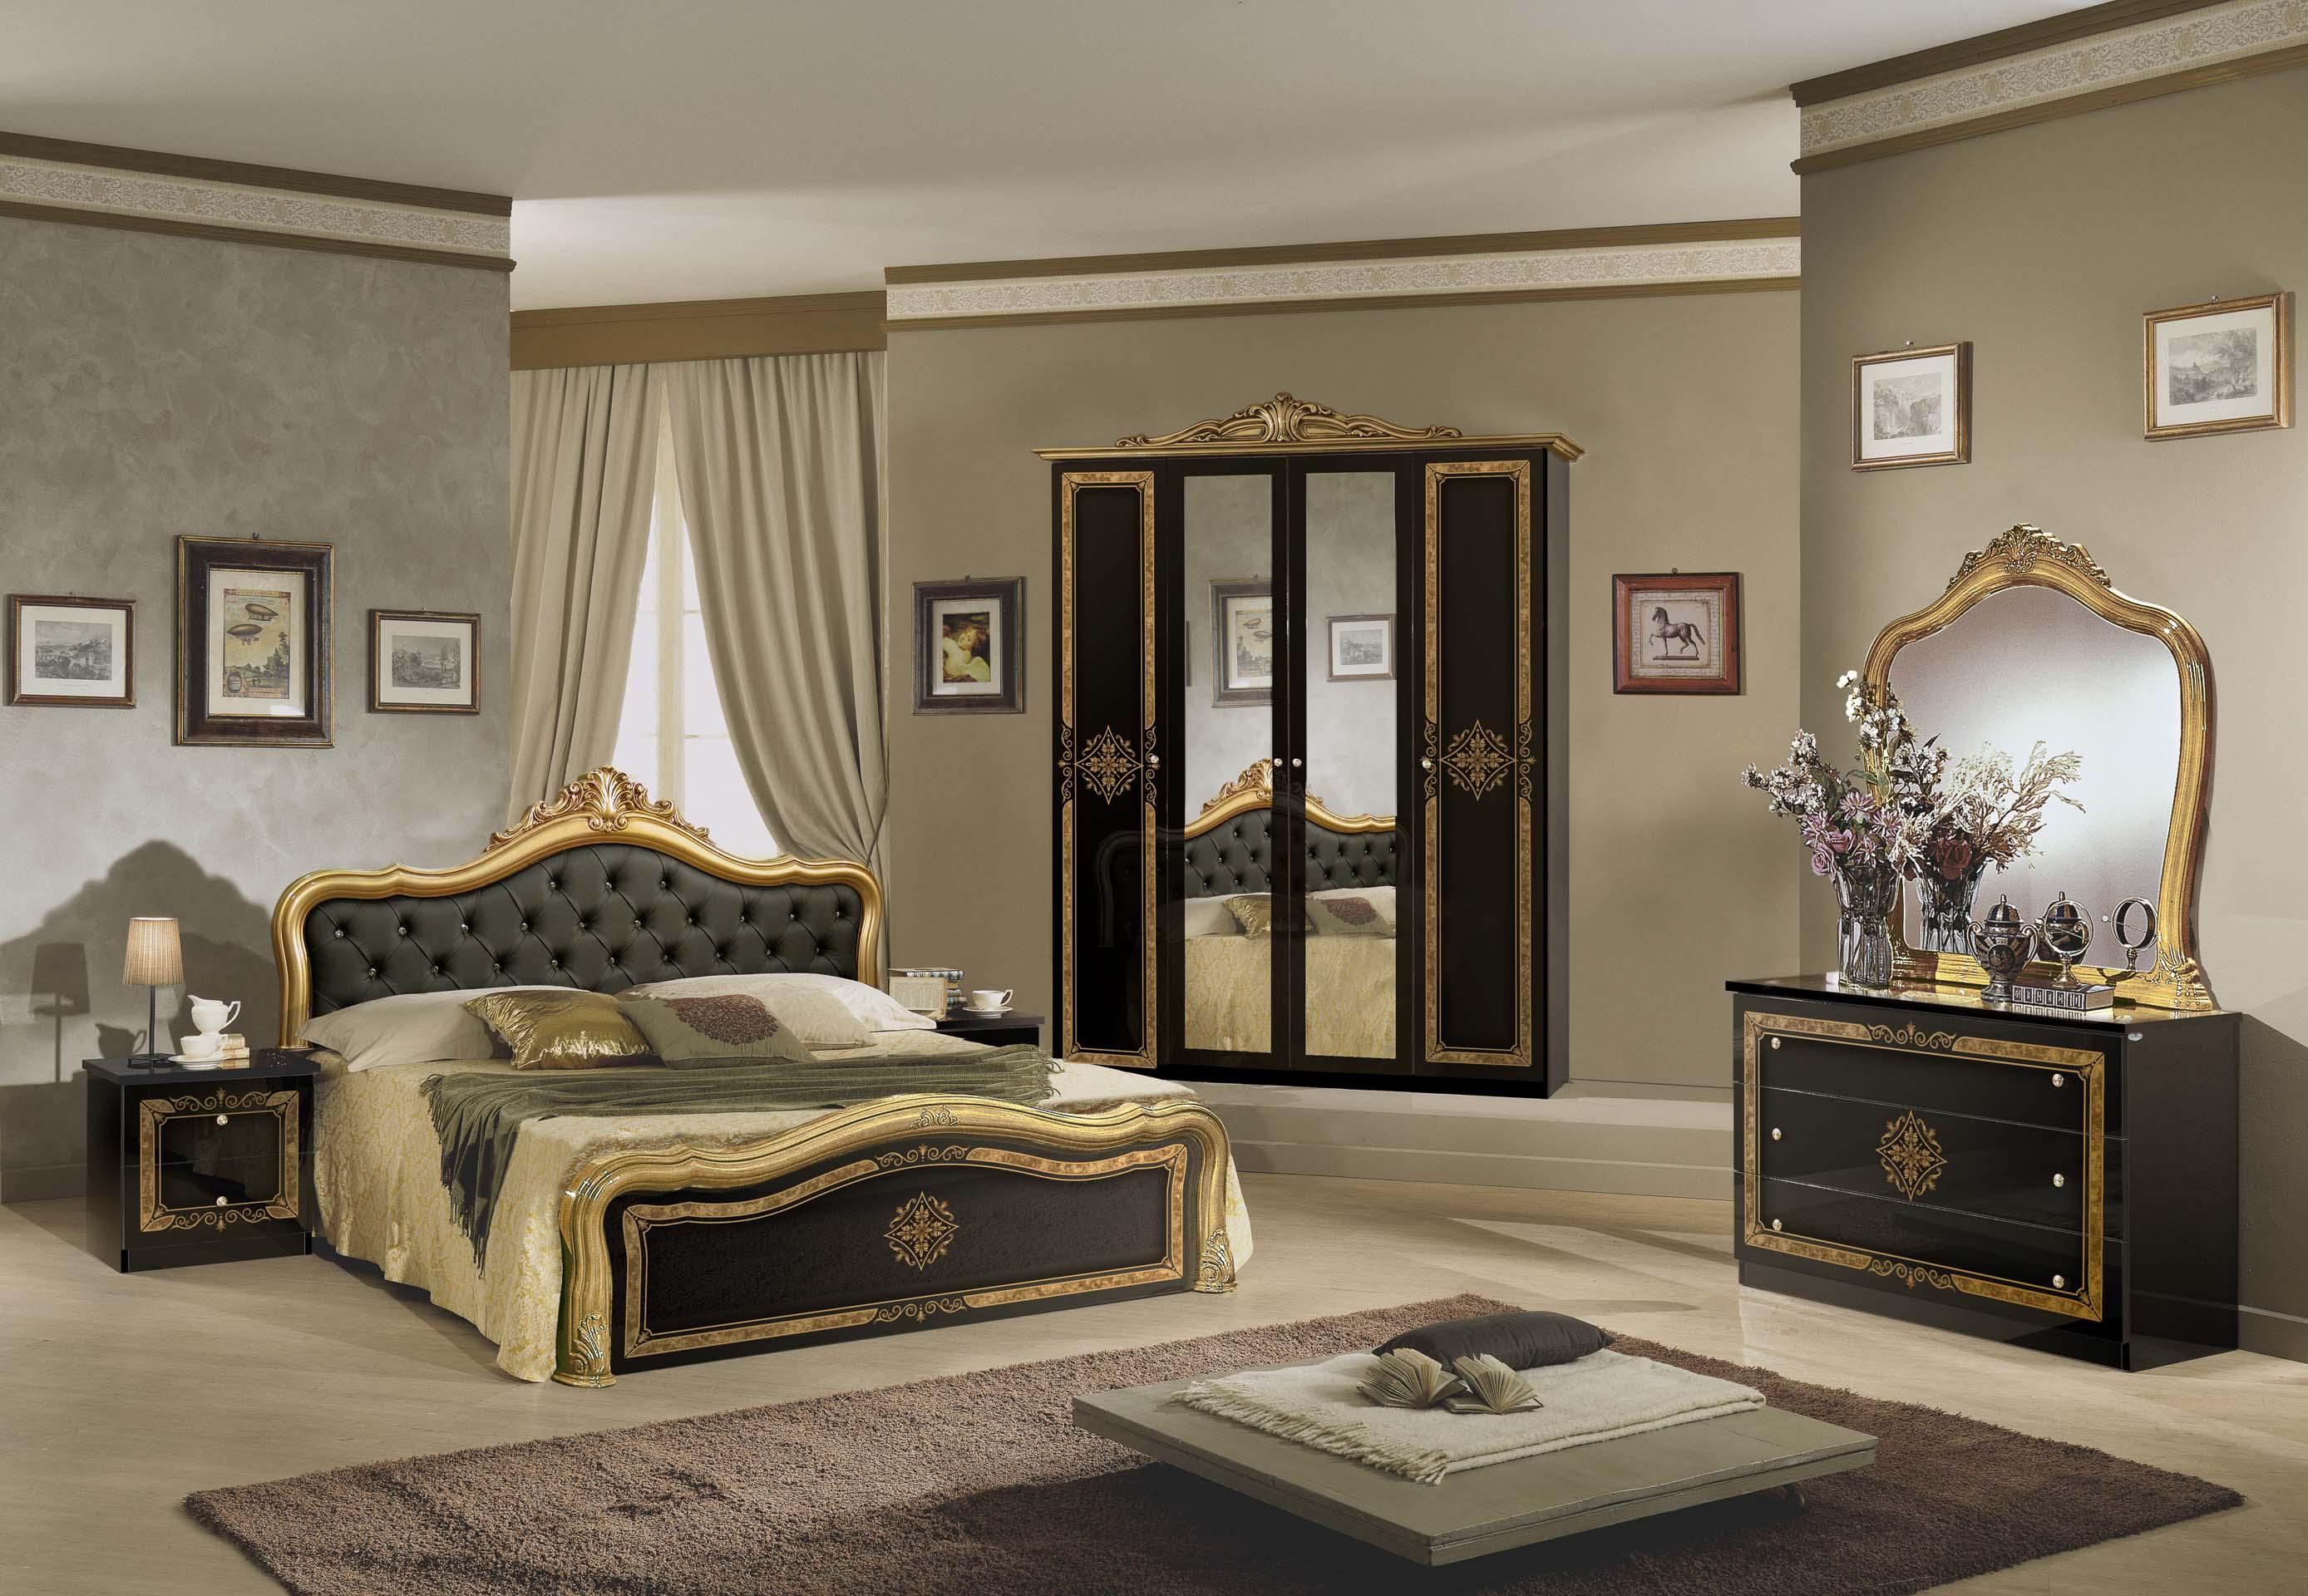 Schlafzimmer Lucy in schwarz Silber klassisch Designer Luxus Möb-DH ...